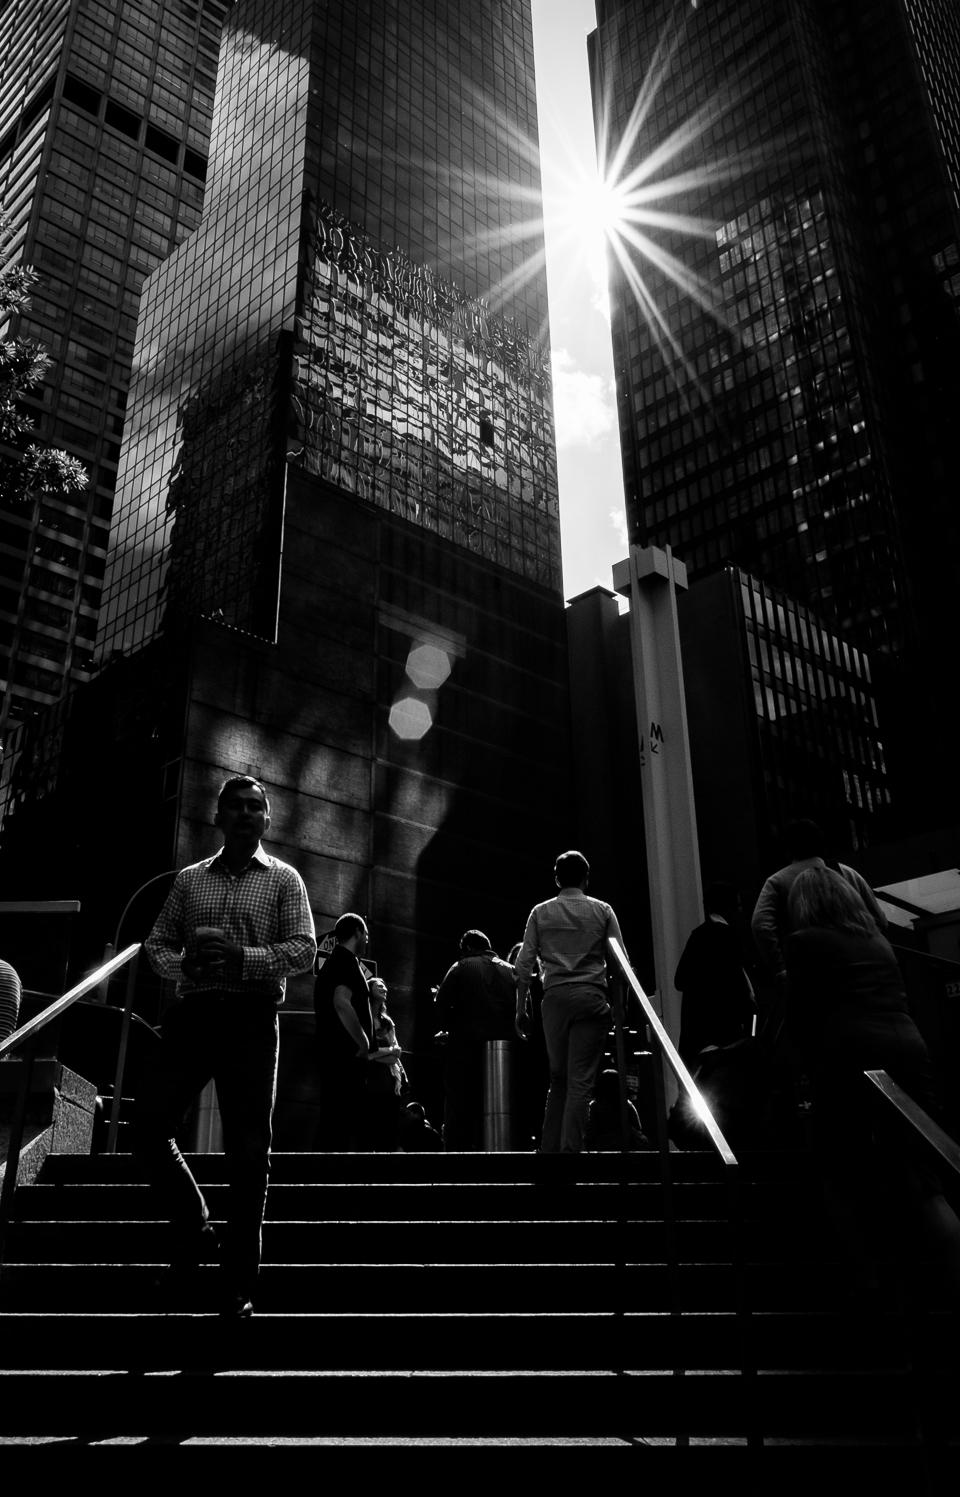 chriseberhardt_newyork-25.jpg